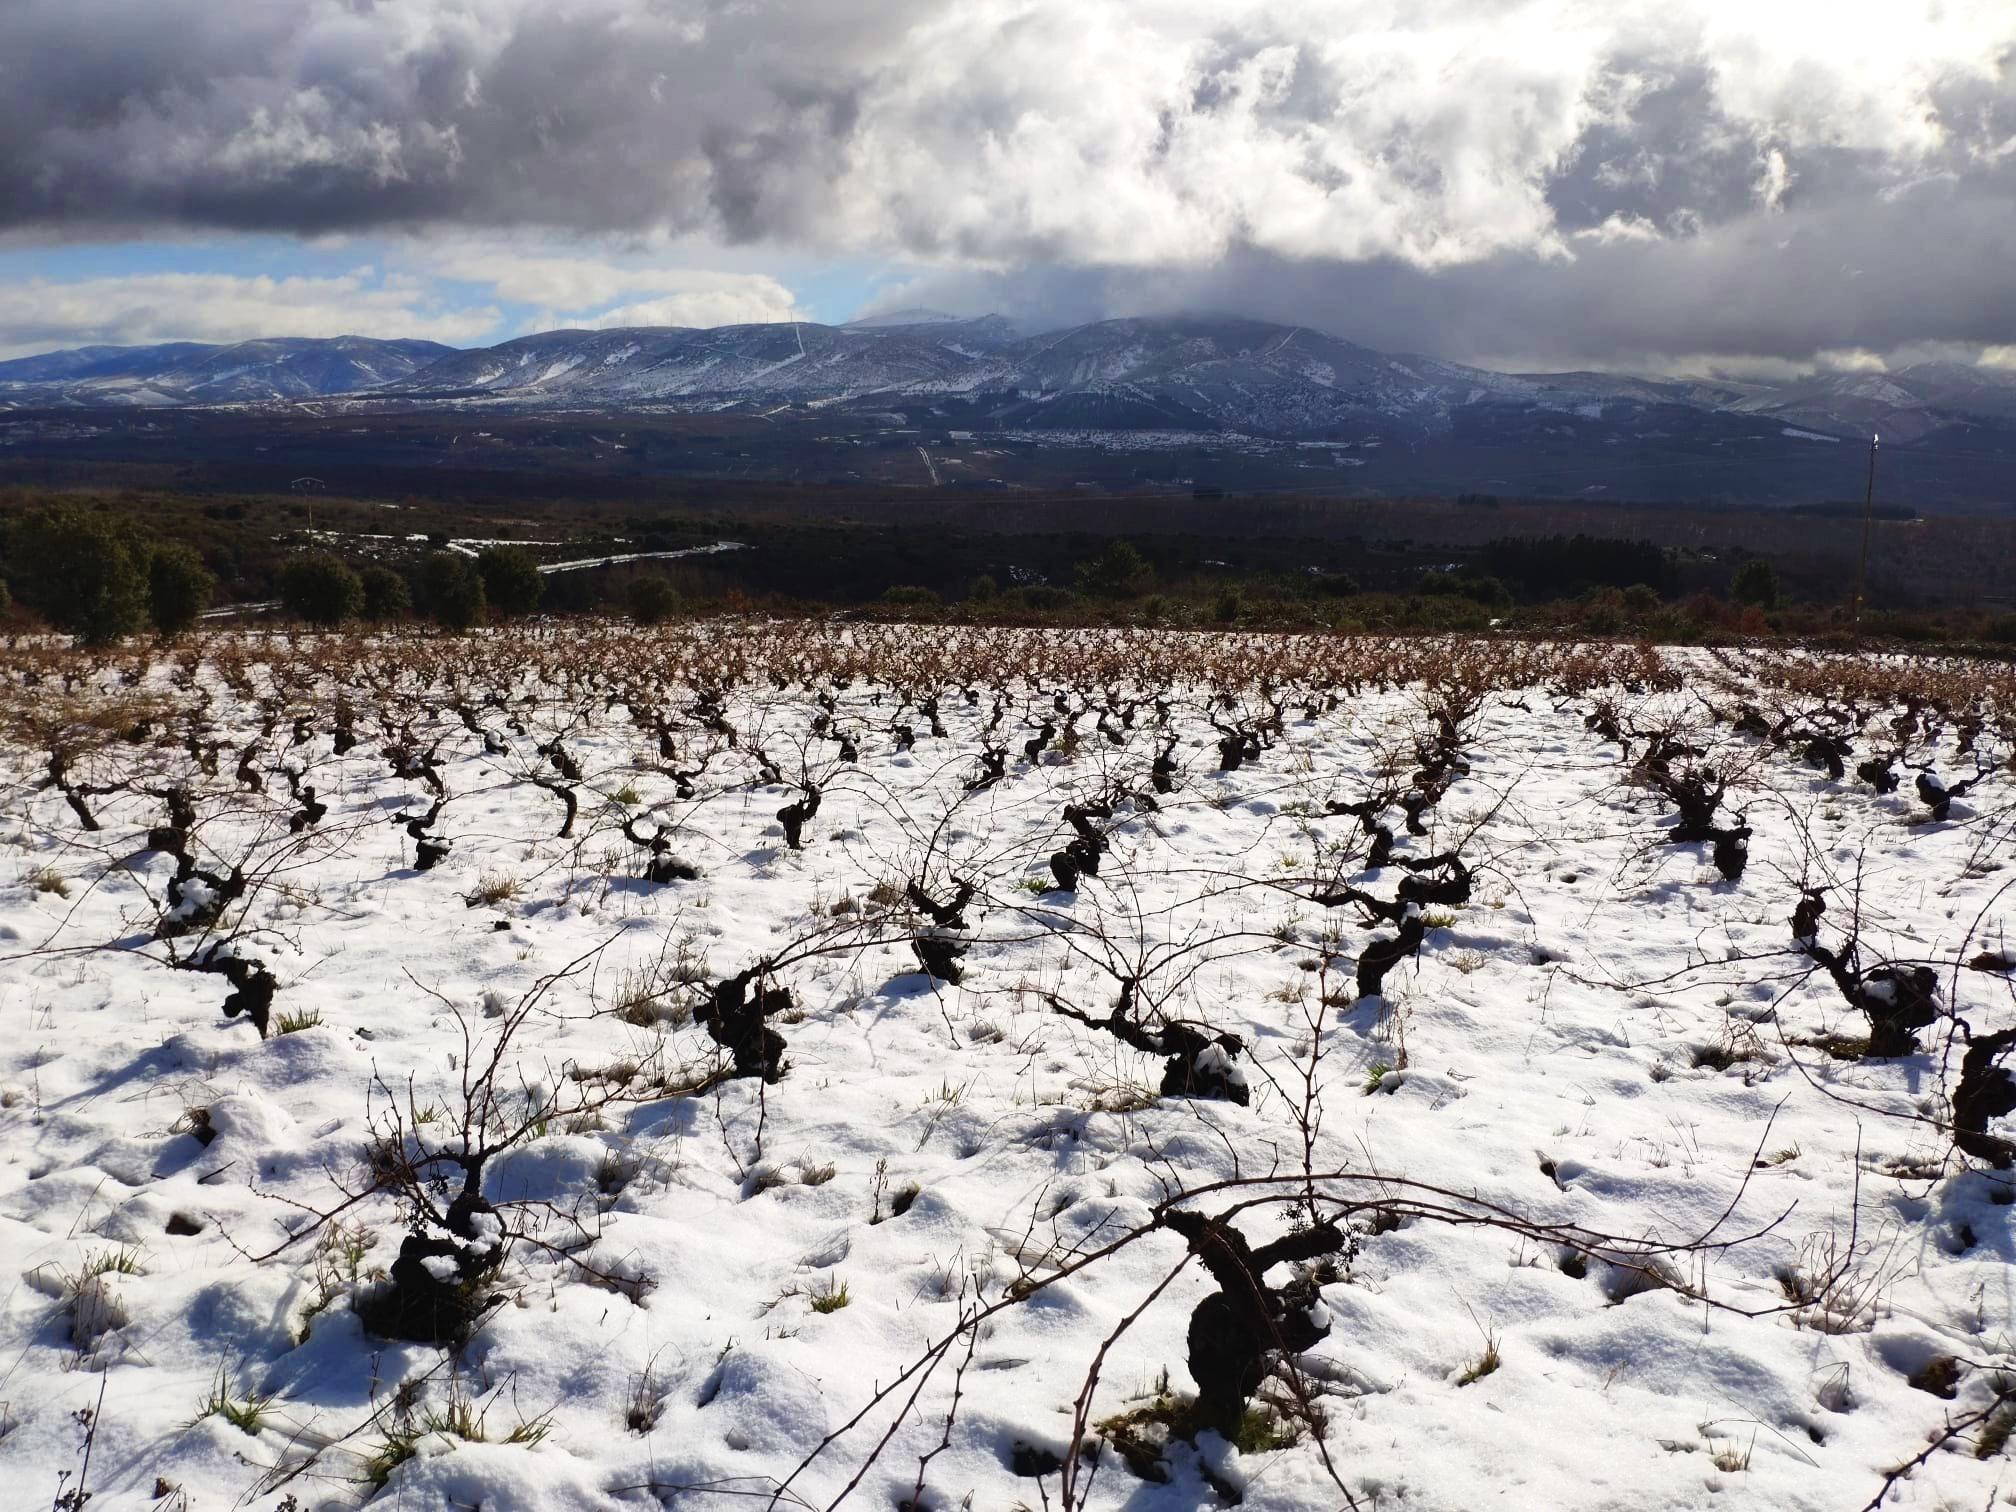 Nuestras viñas nevadas y a lo lejos los montes del bierzo